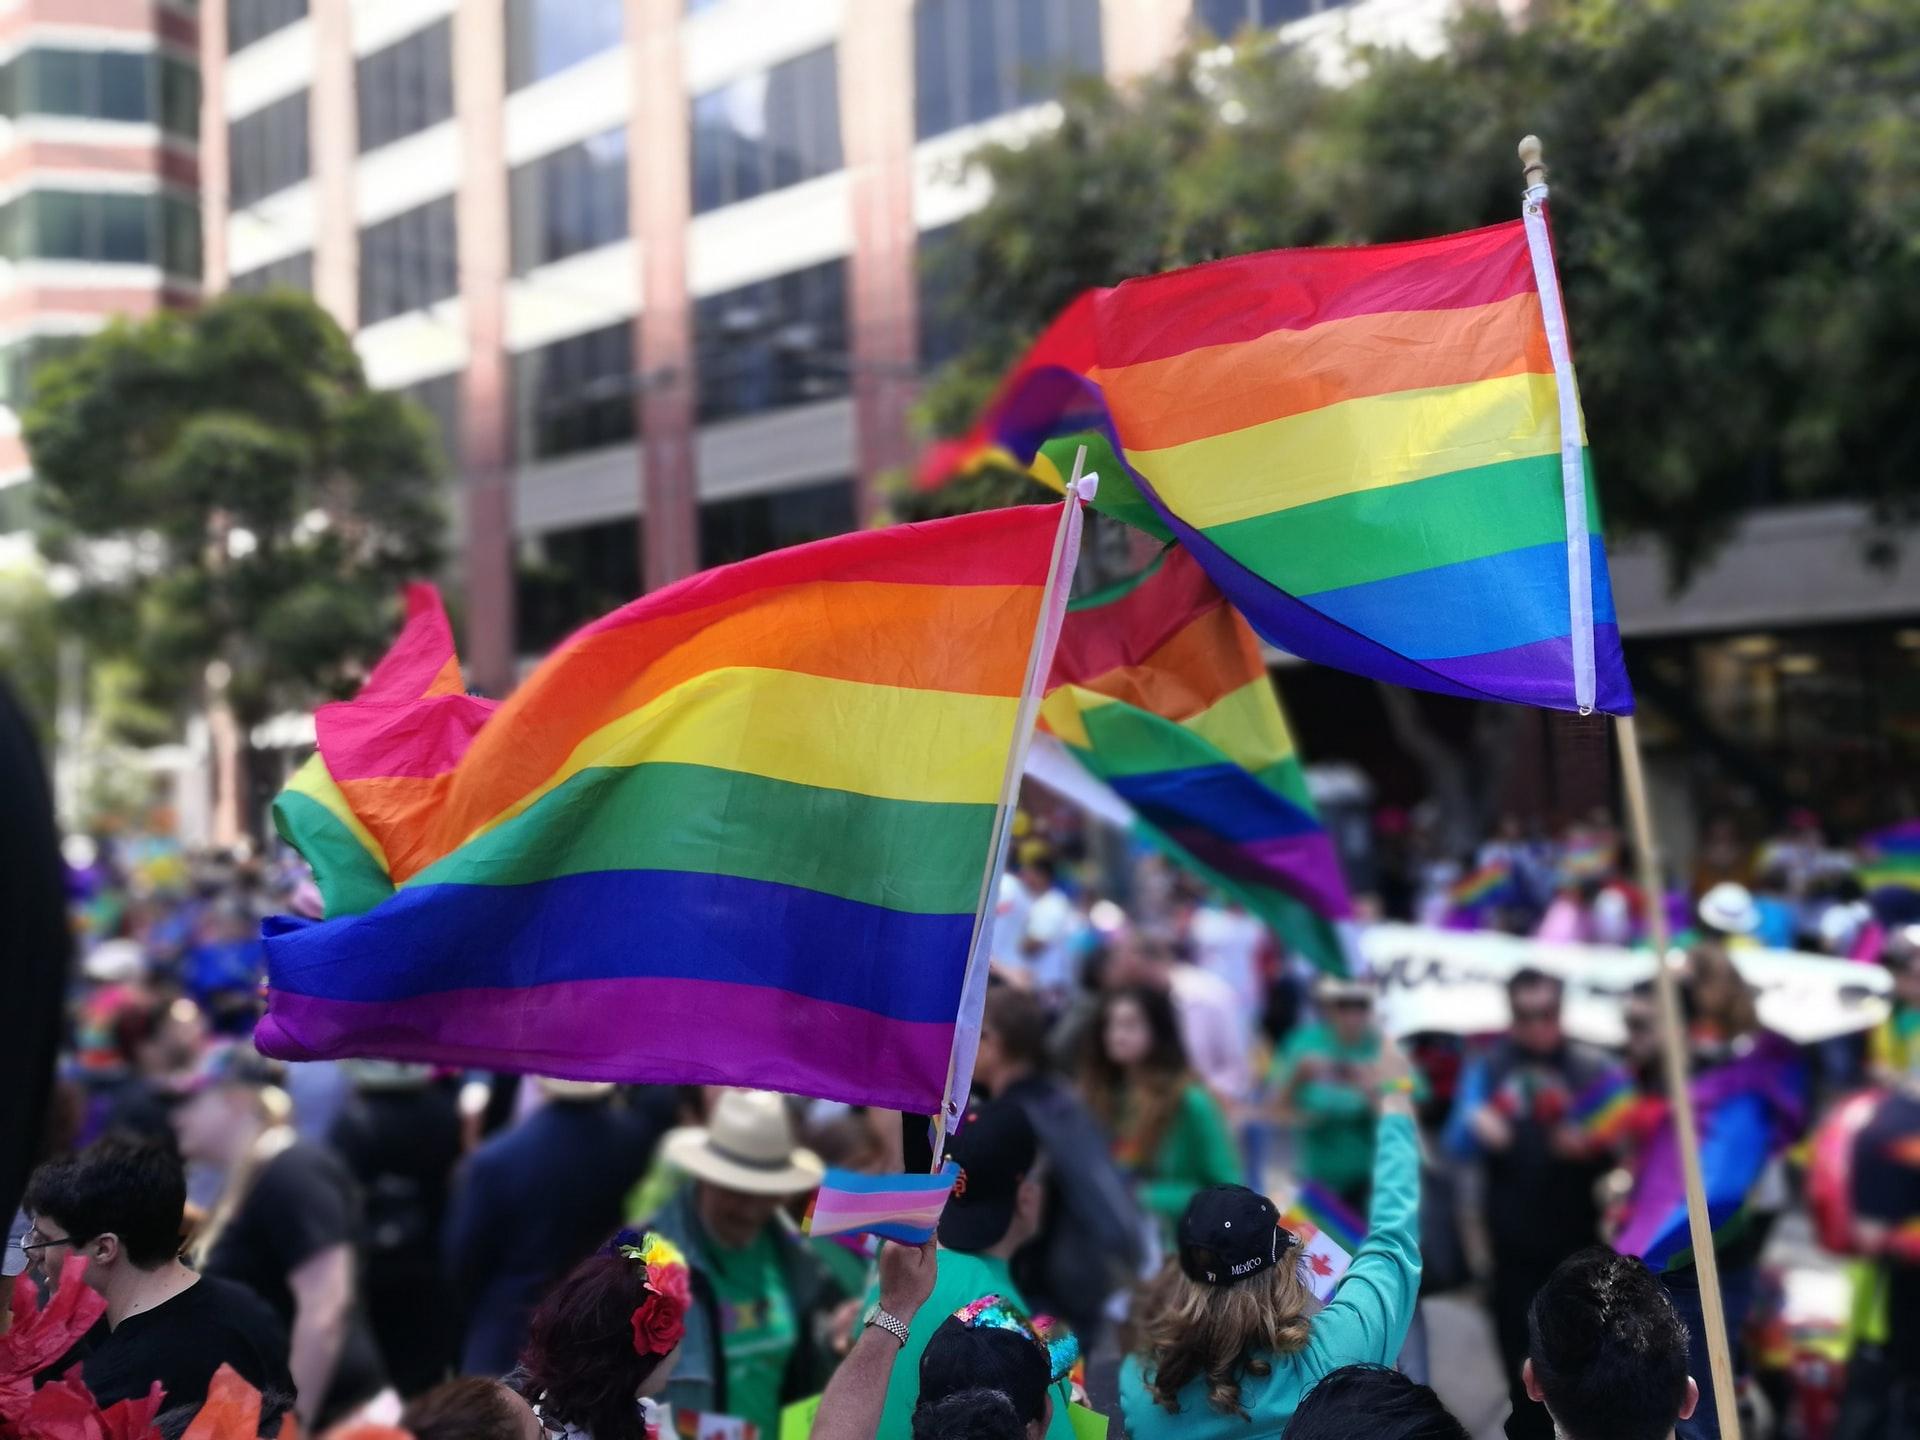 30 nagykövetség és 12 külföldi kulturális intézet állt ki a szombati Pride felvonulás mellett   szmo.hu